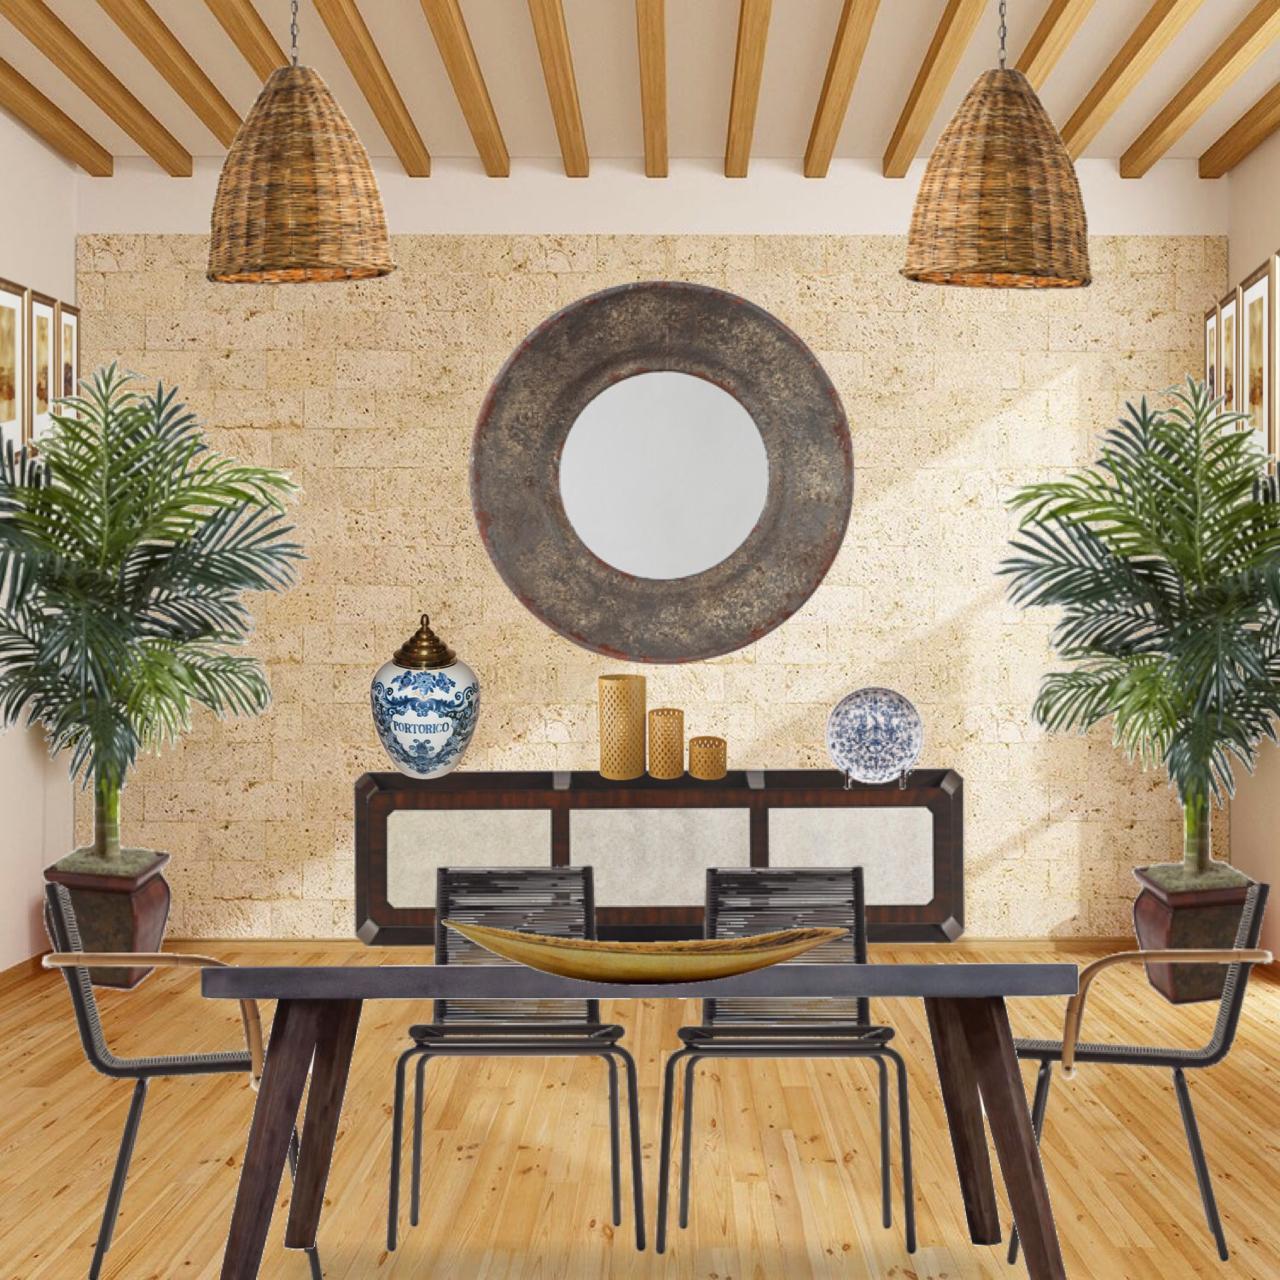 Tendencias de decoración 2019: mejorando el área del comedor